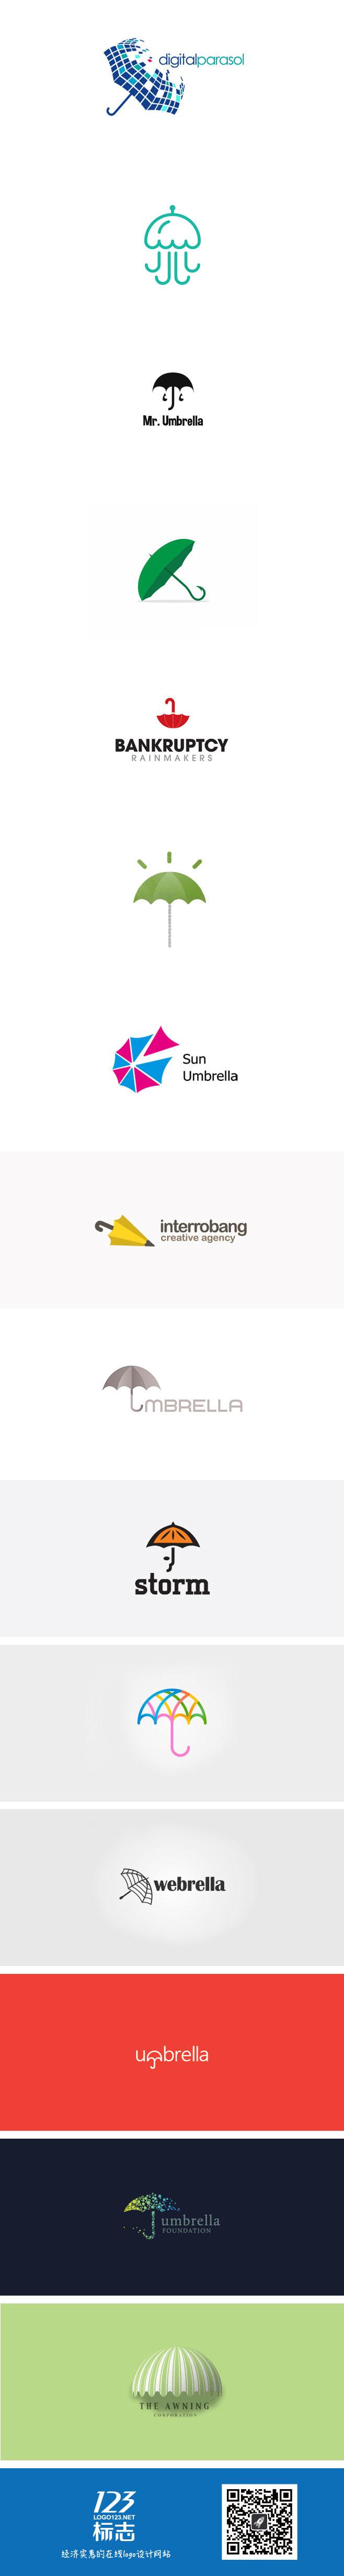 伞元素的logo设计集锦